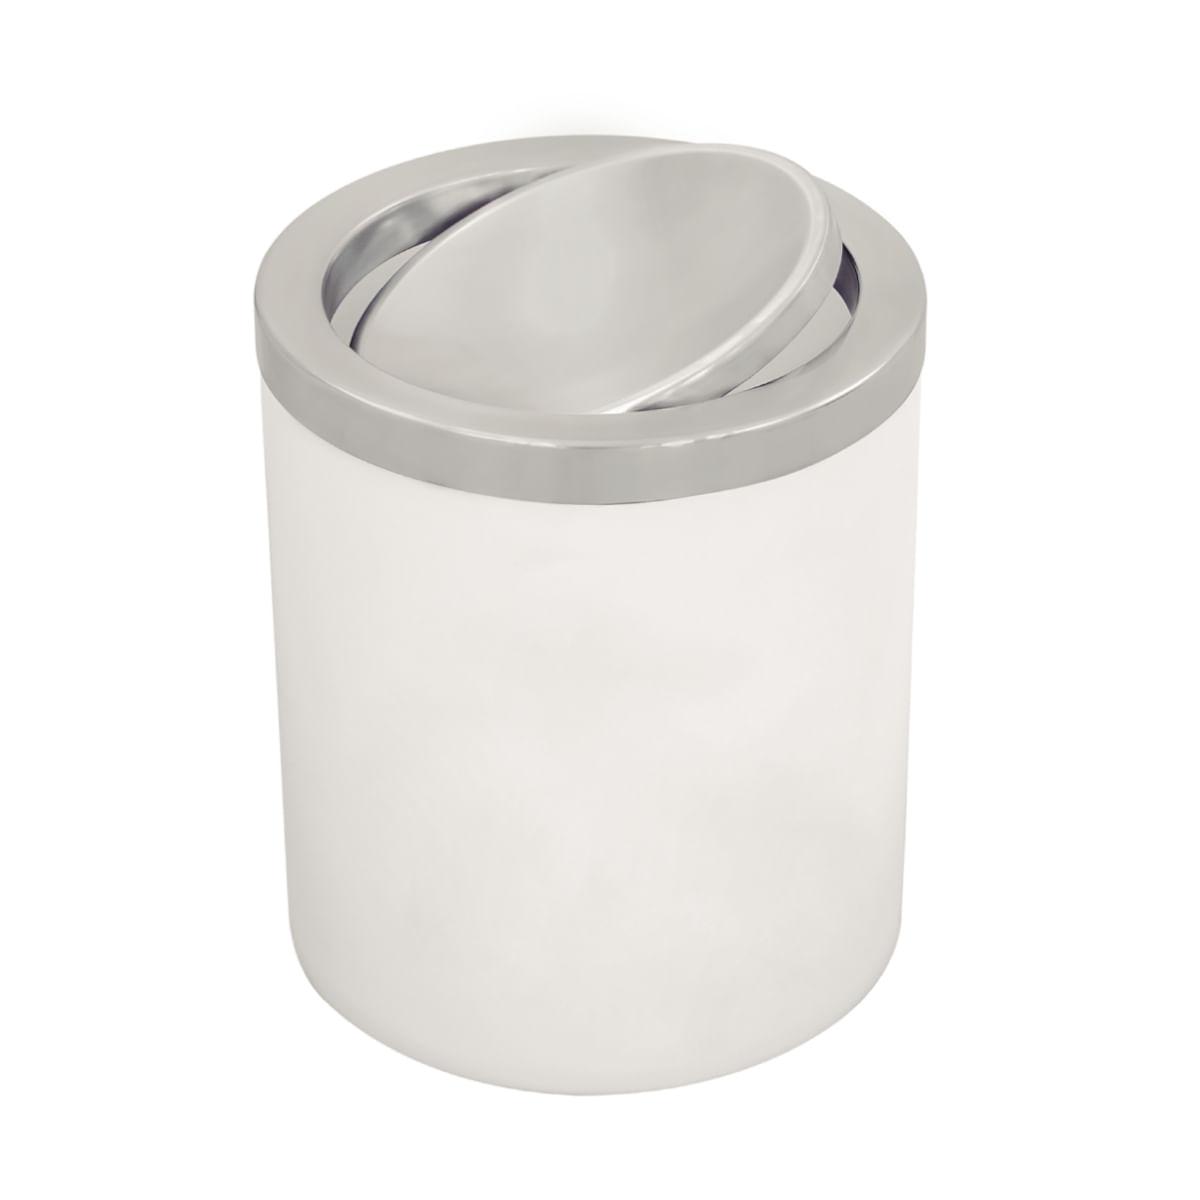 Lixeira Tramontina Útil Basculante em Aço Inox e Corpo em Polipropileno Branco 5 Litros